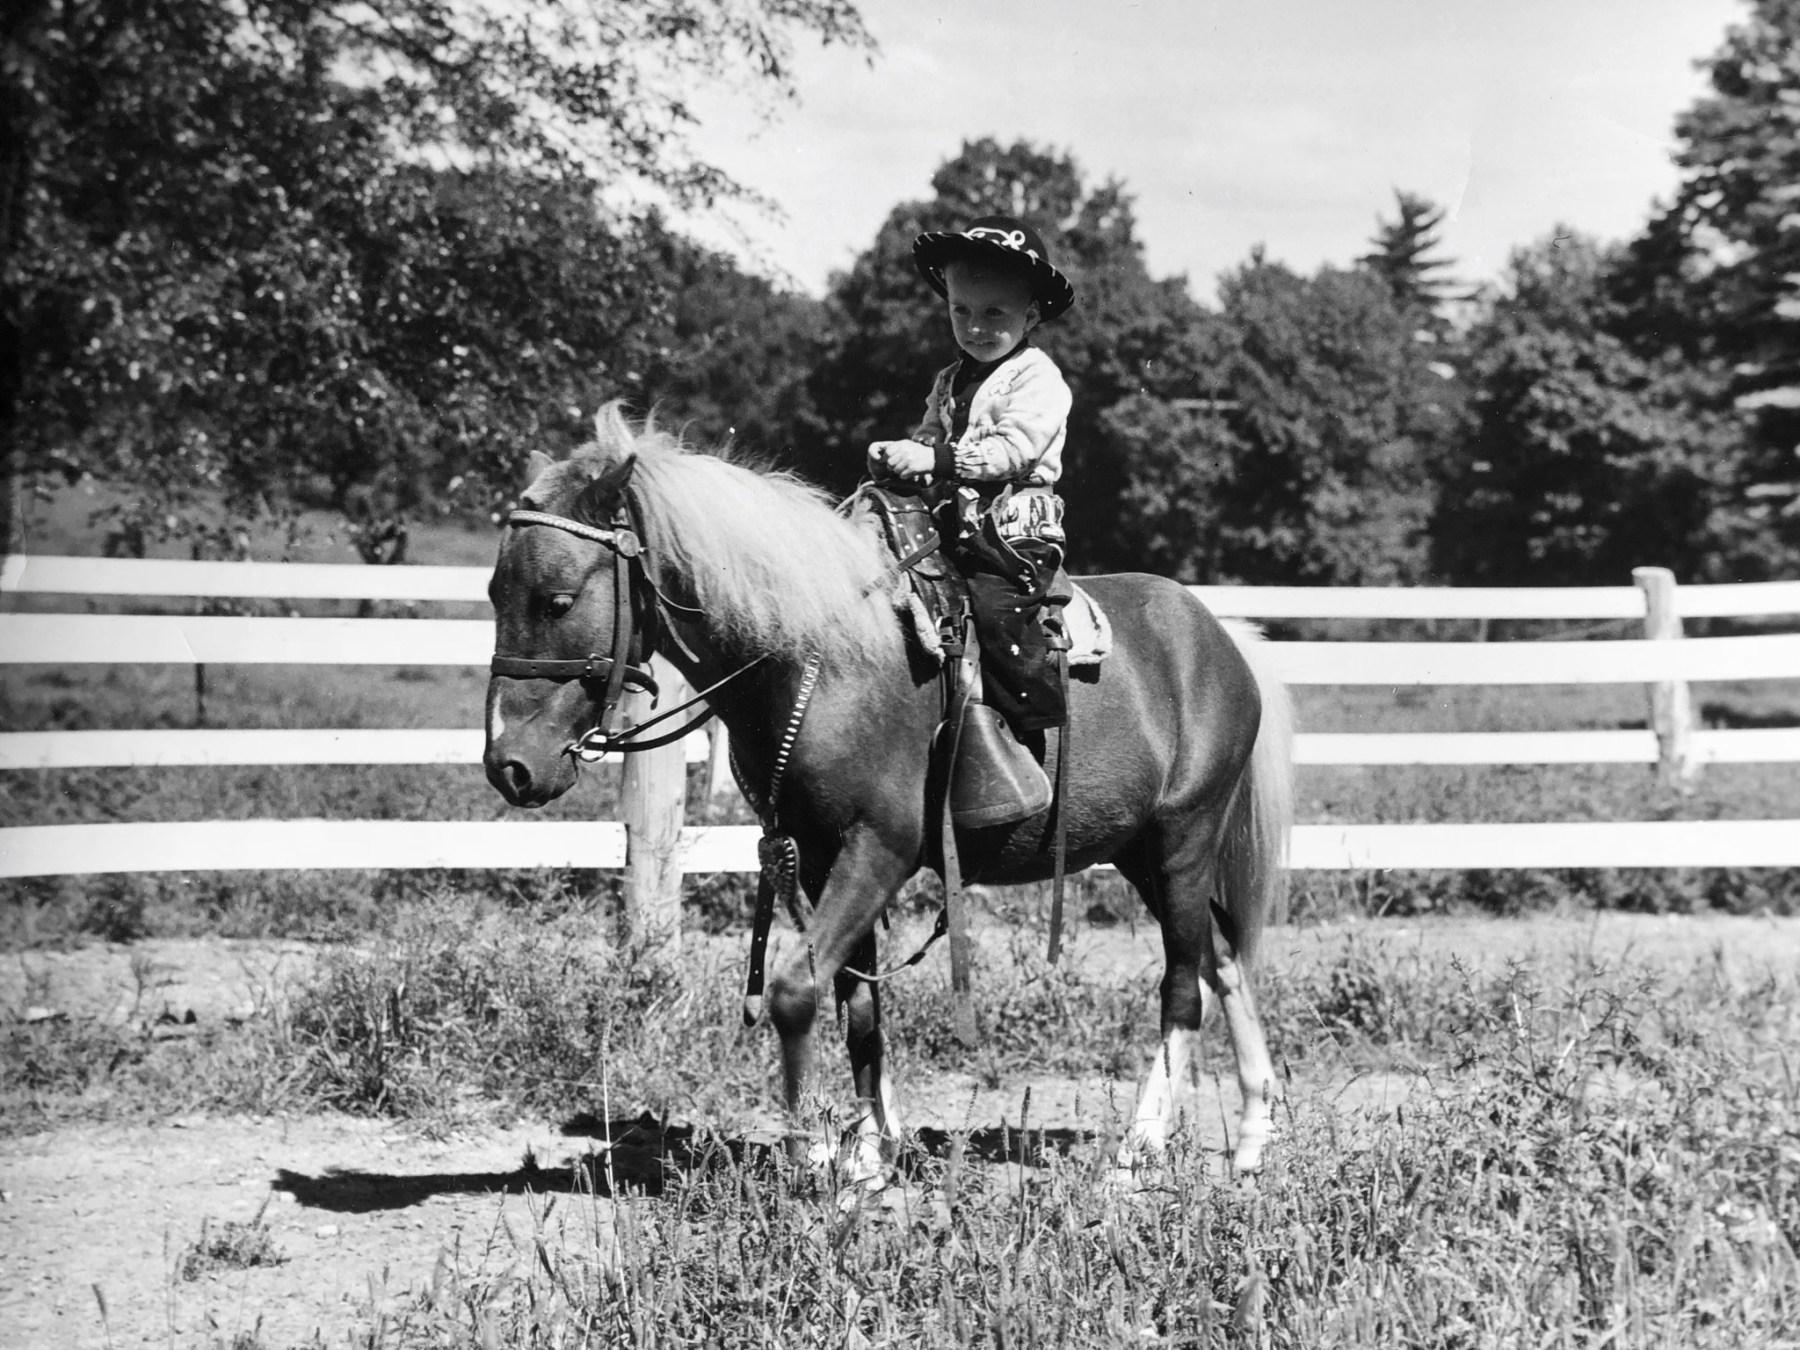 Wayne on horse closeup